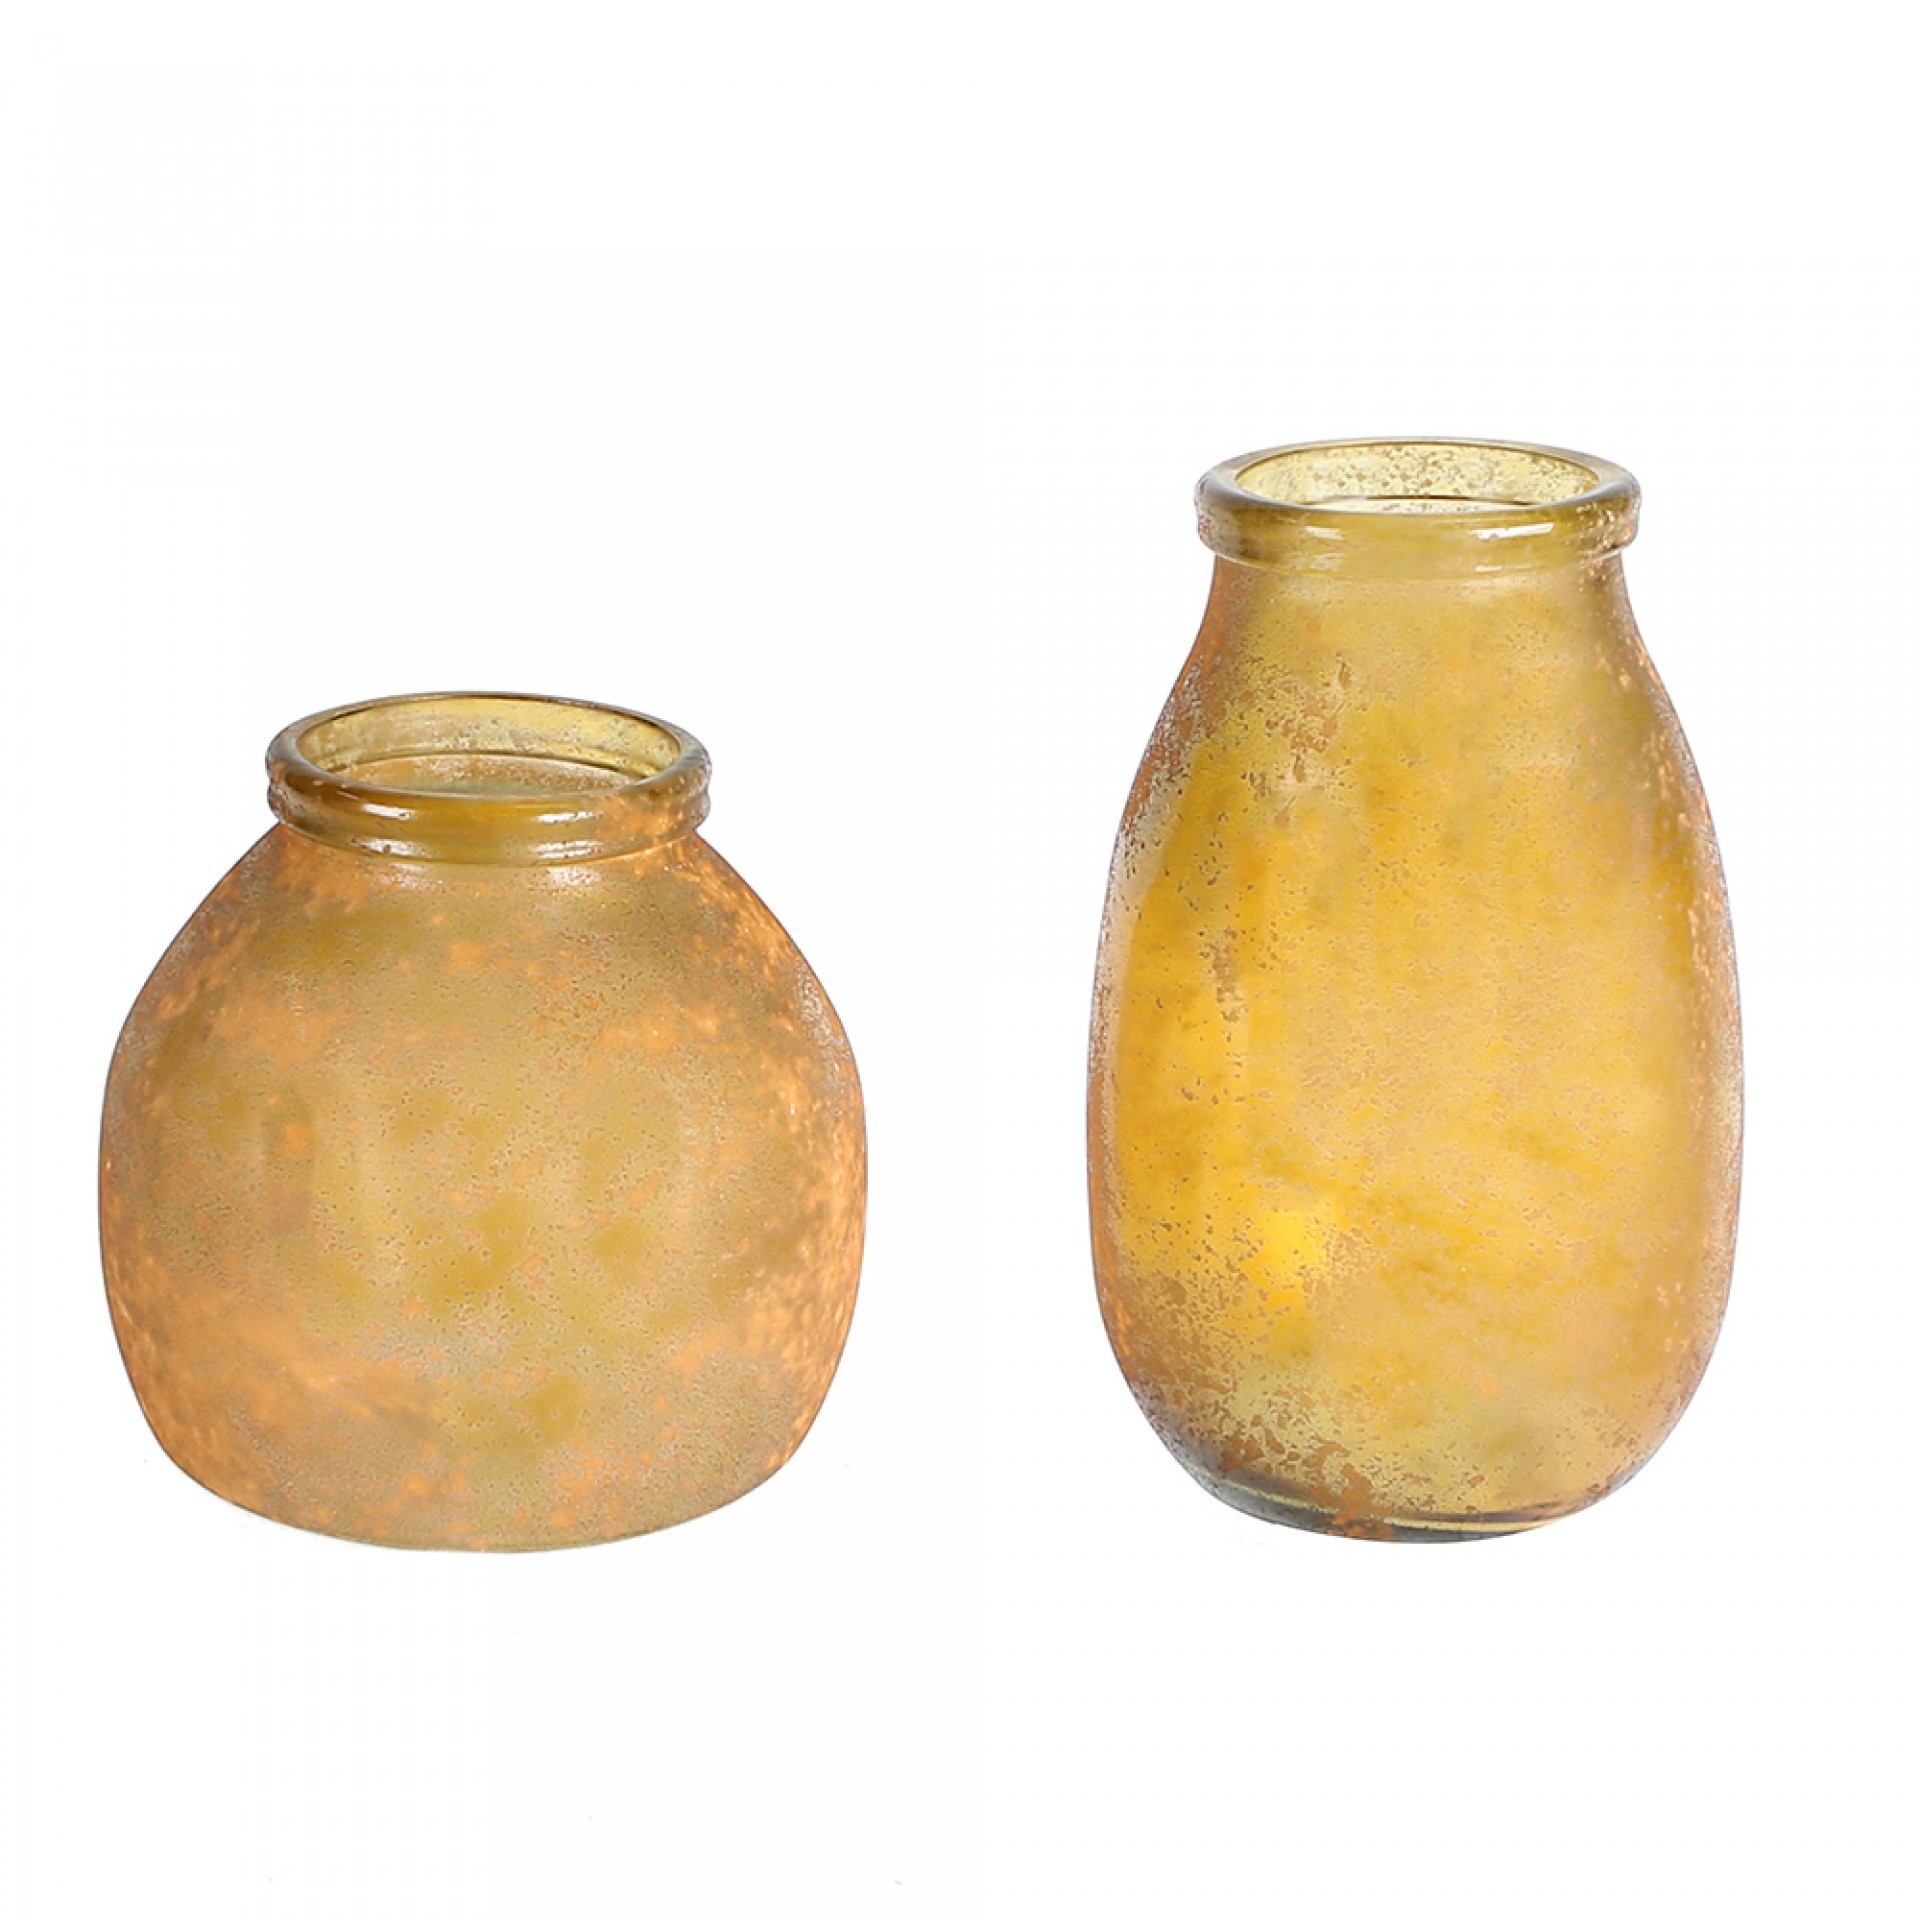 Váza z recyklovaného skla Schiras, 20 cm, curry